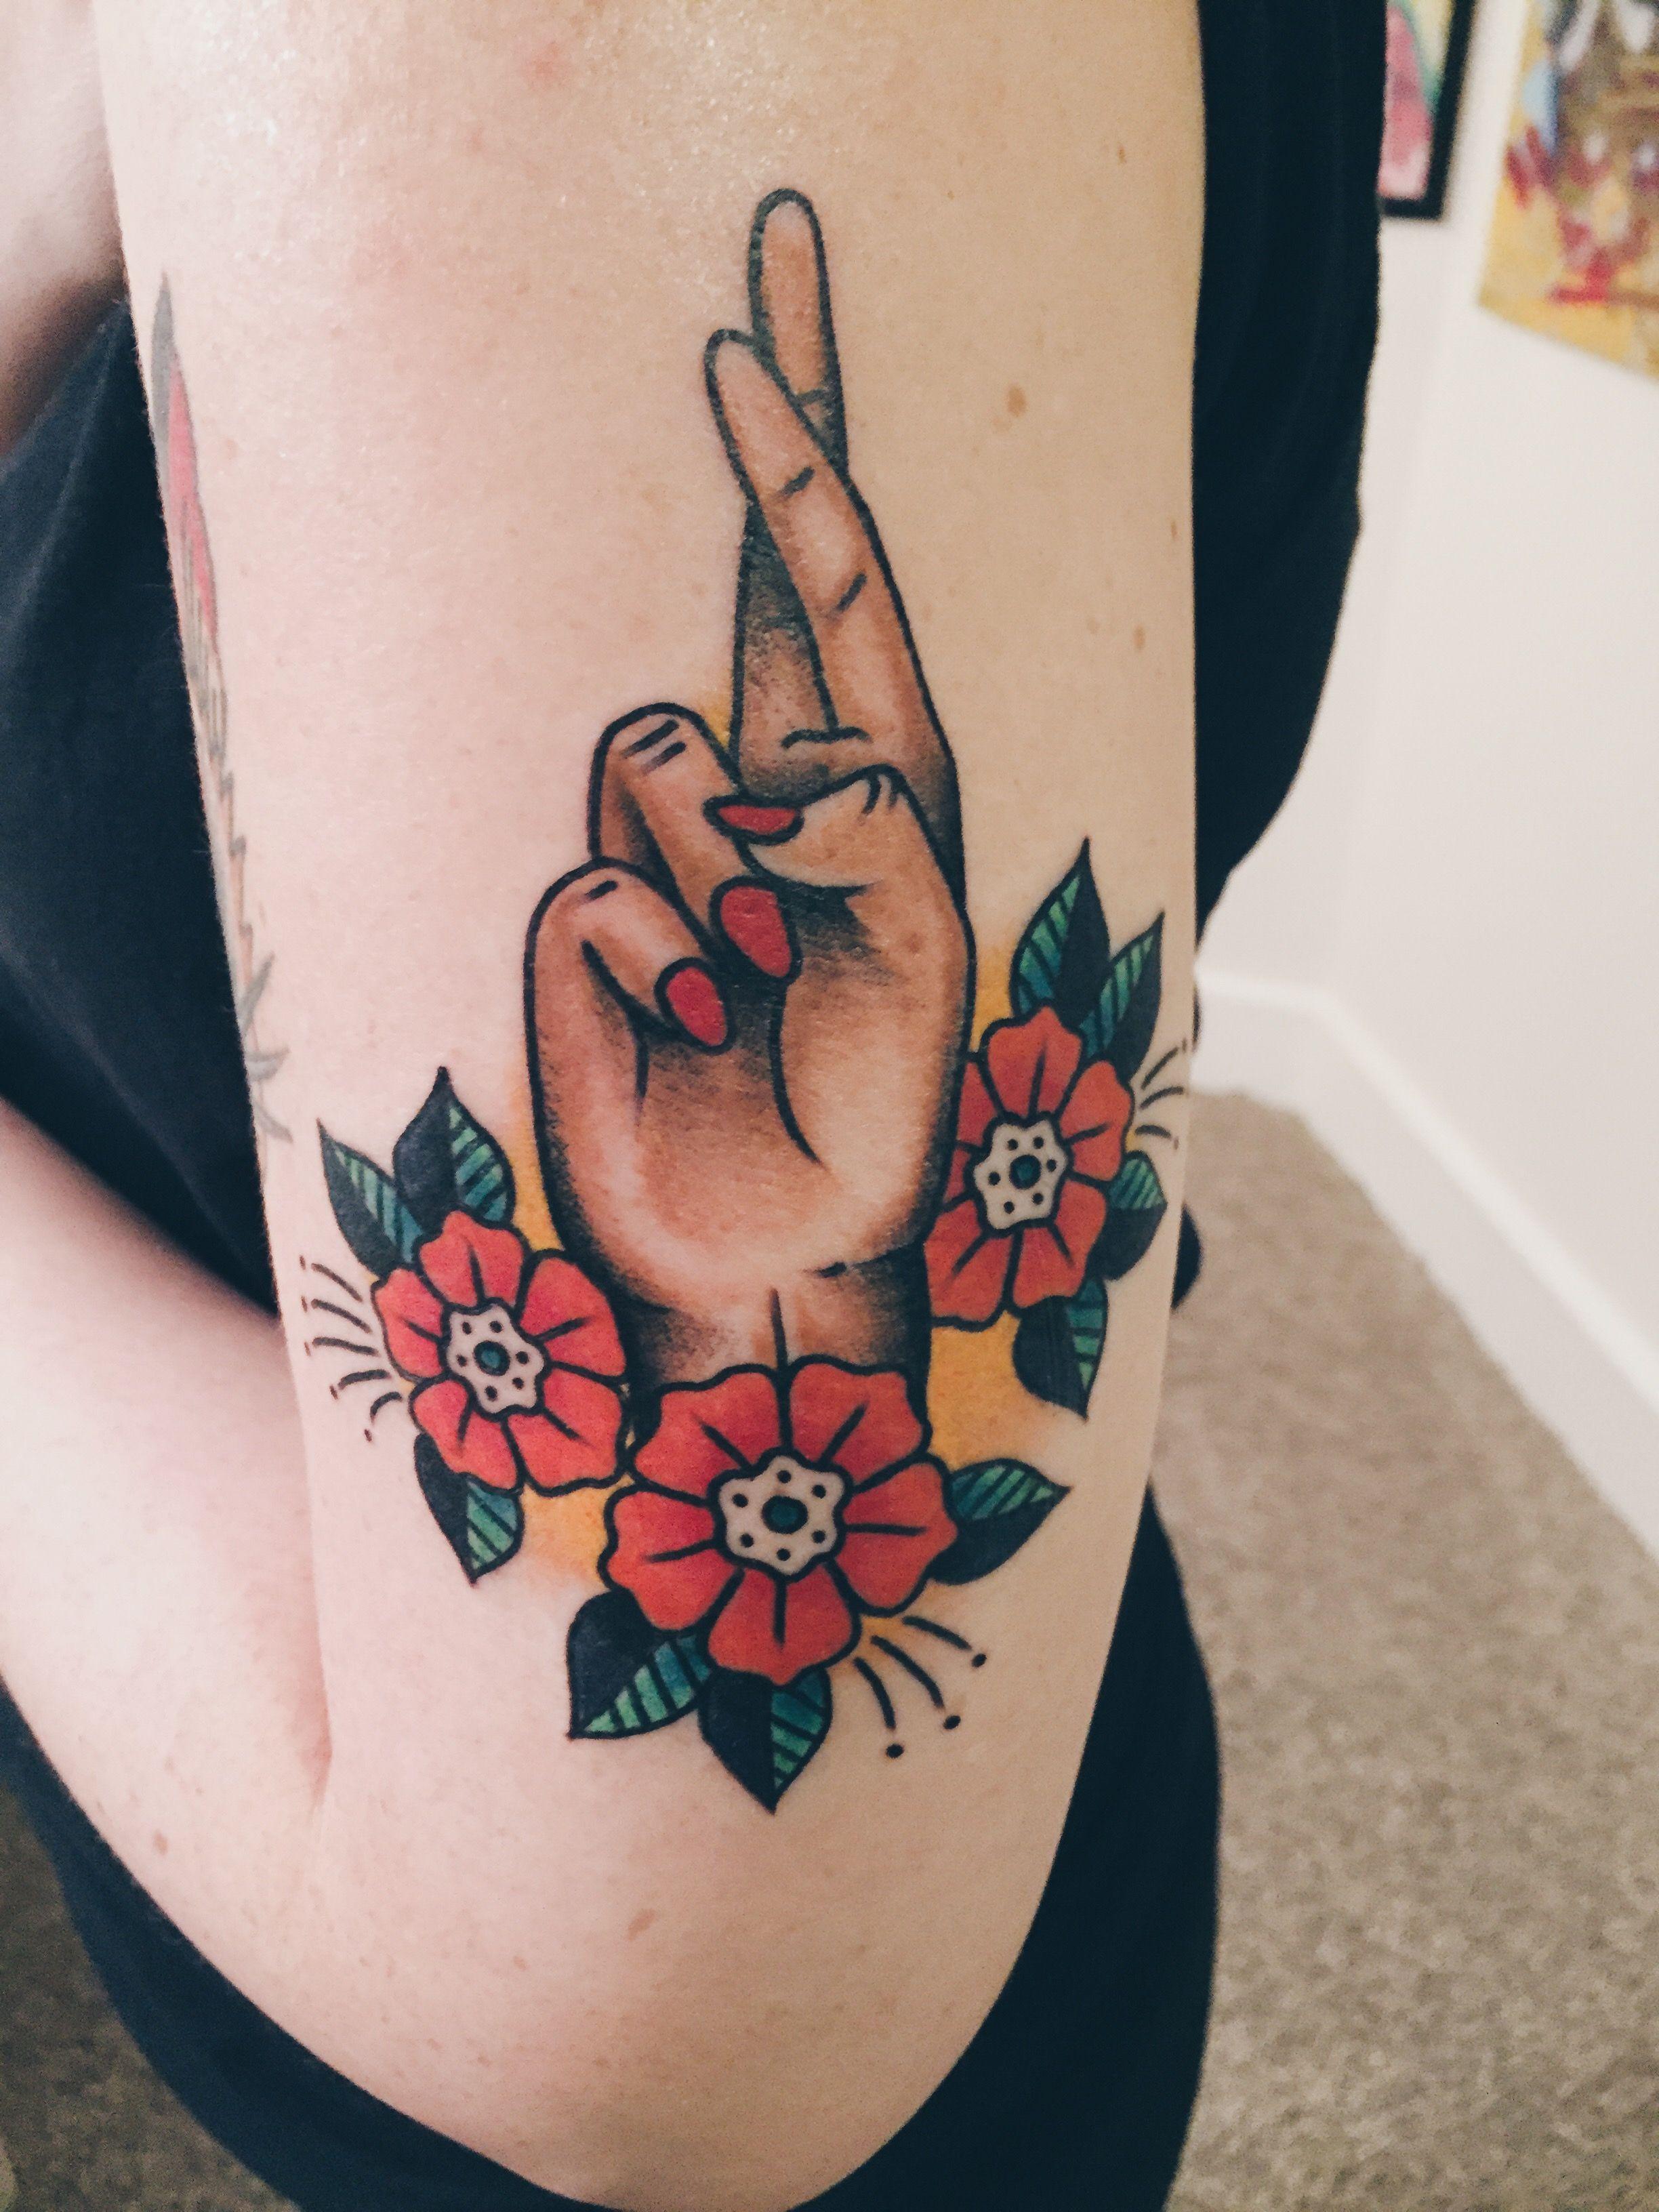 Hand tattoos tattoo ideas hands body art tattoo s floral tattoo - Fingers Crossed Tattoo By Barrett Fiser At Electric Tattoo Asbury Park Nj